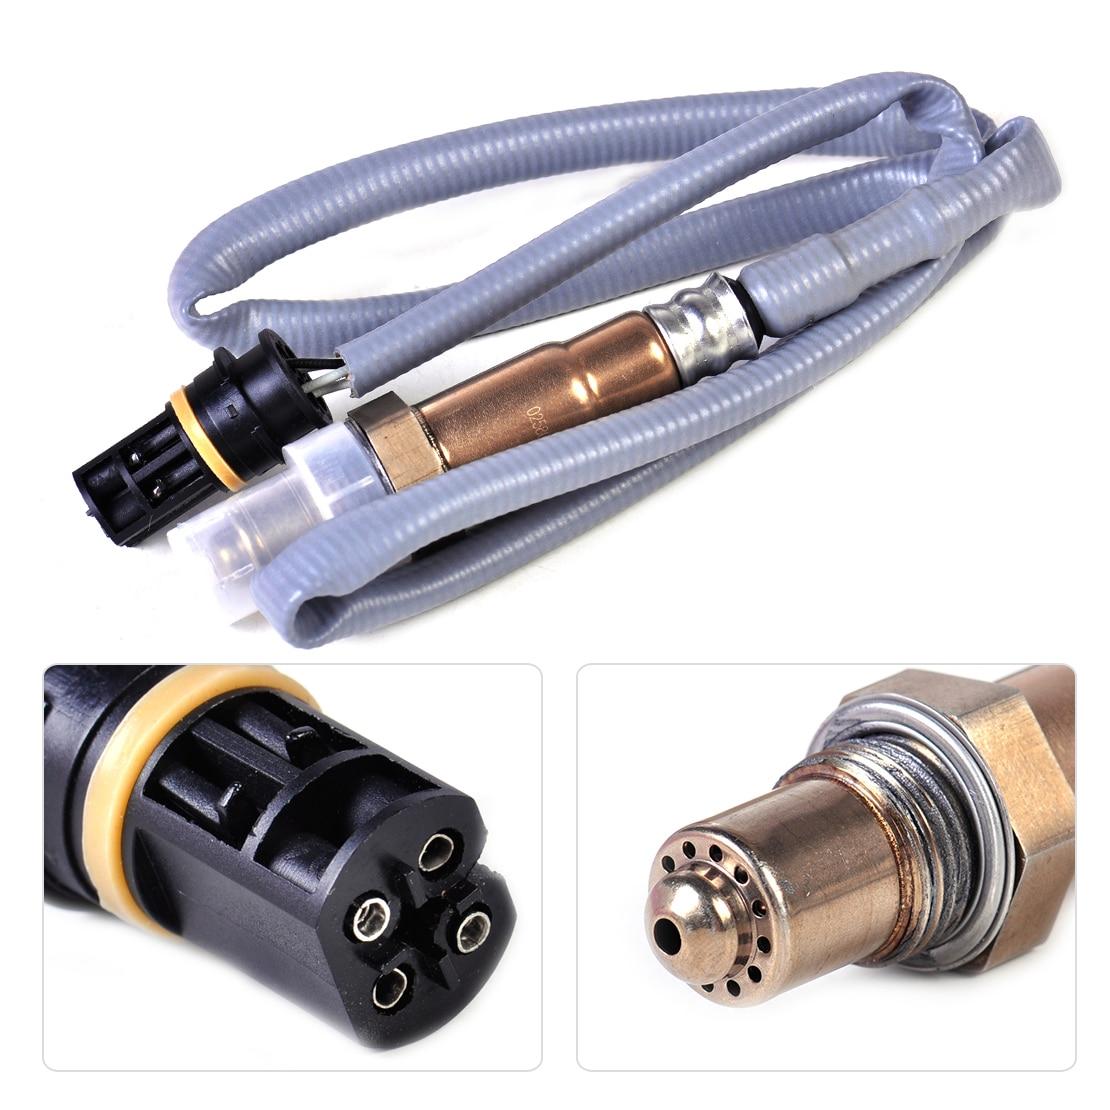 Dwcx upstream o2 oxygen sensor front right 0015405017 0258006167 for mercedes benz w211 w210 w203 w220